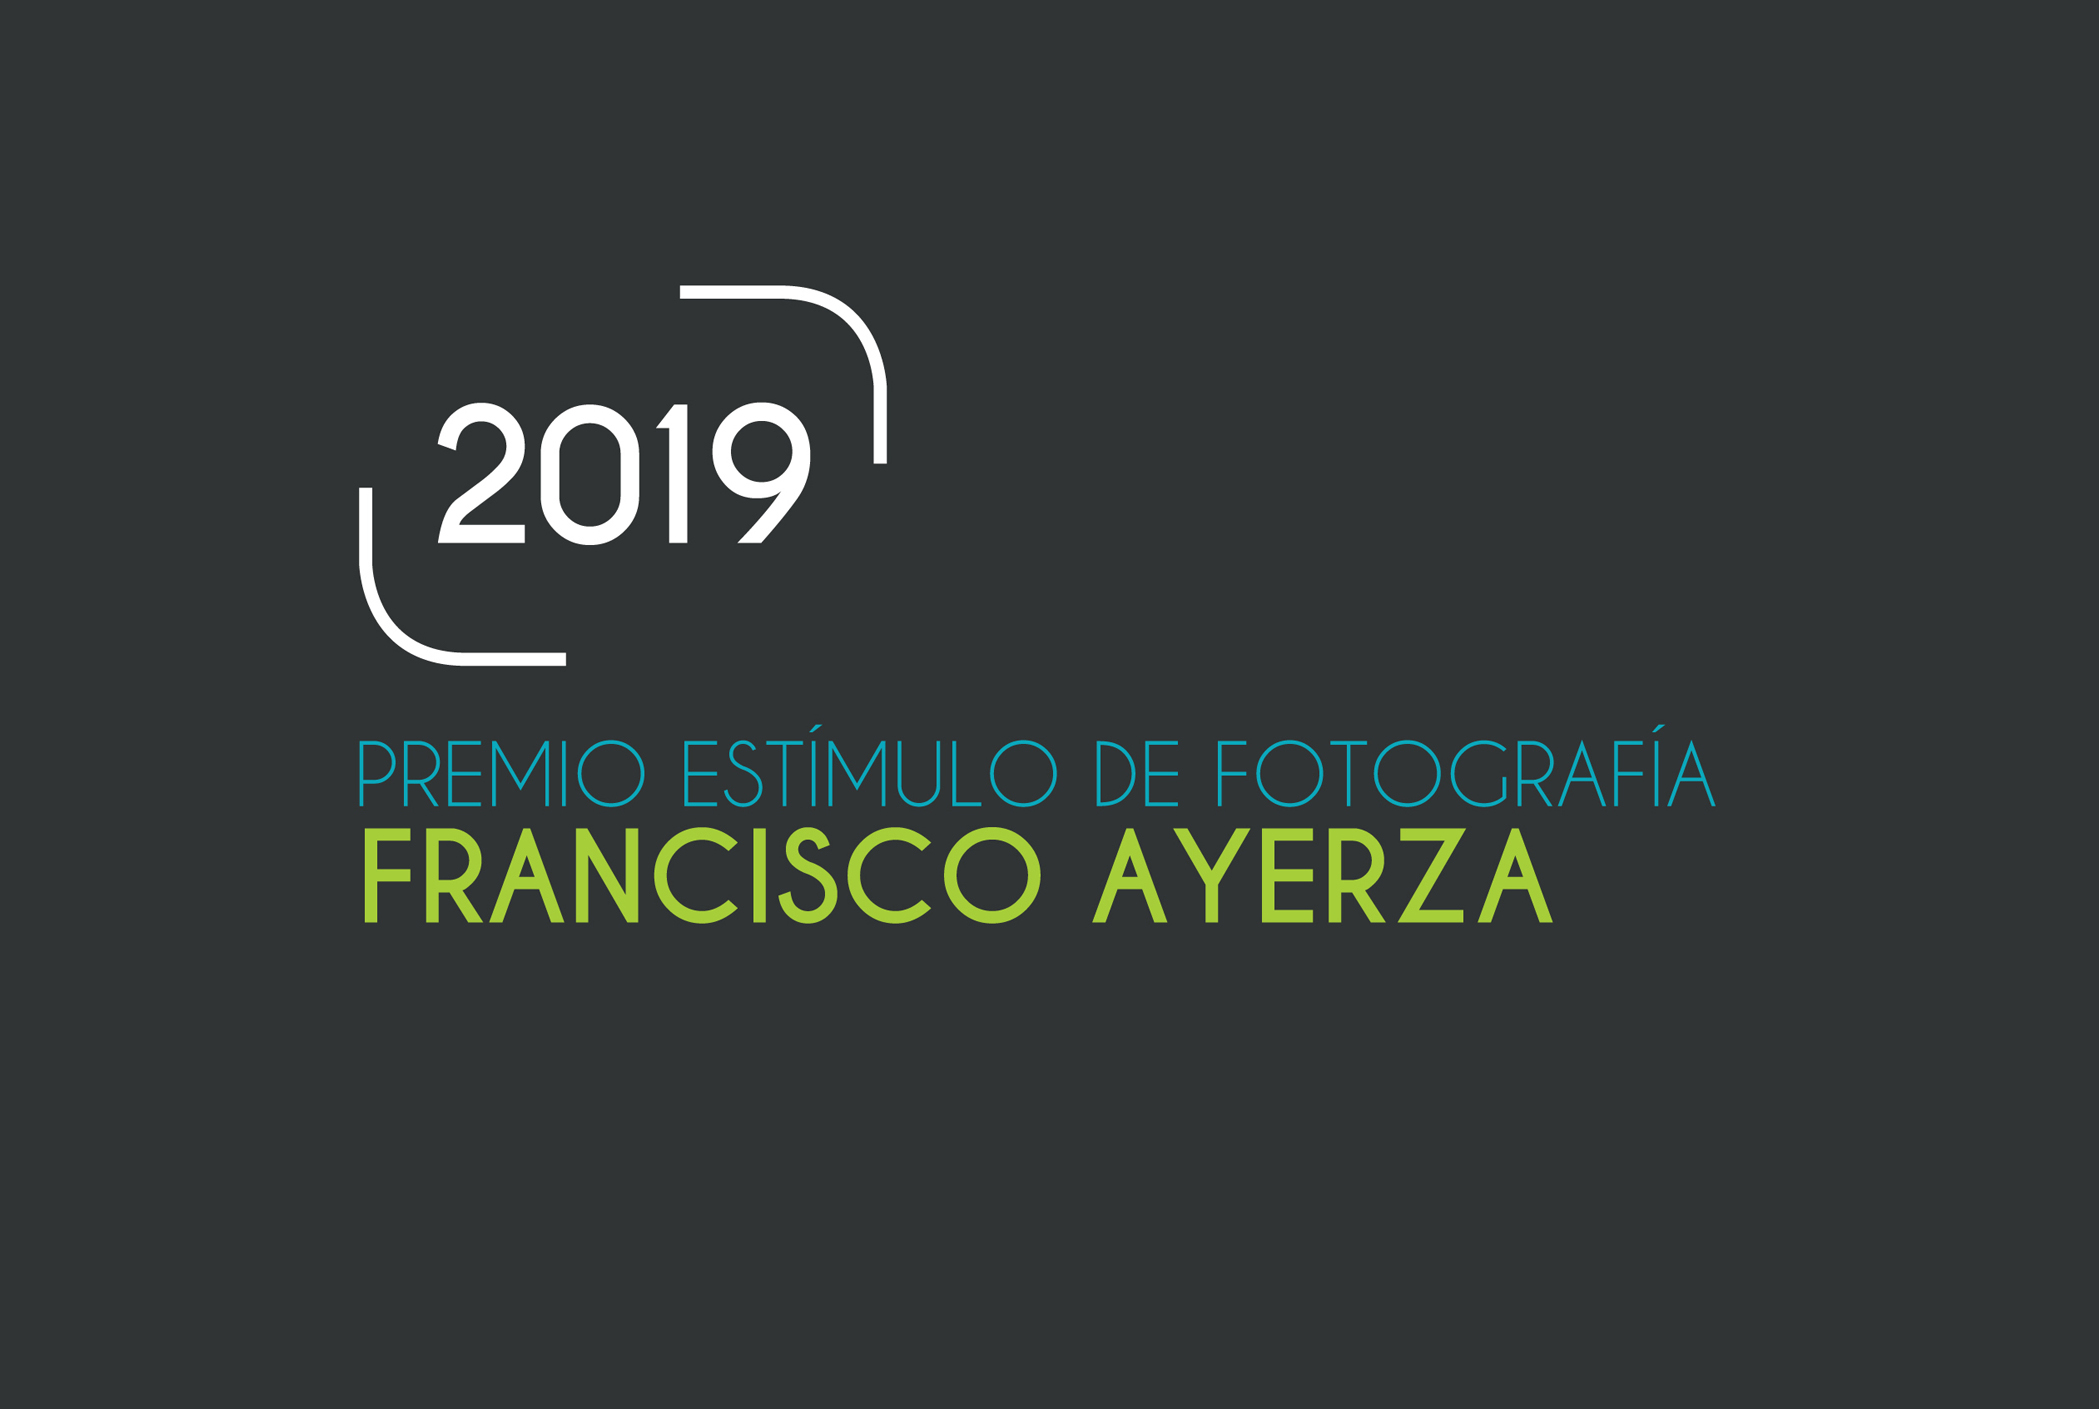 Premio Estímulo de Fotografía Francisco Ayerza 2019 | ANBA